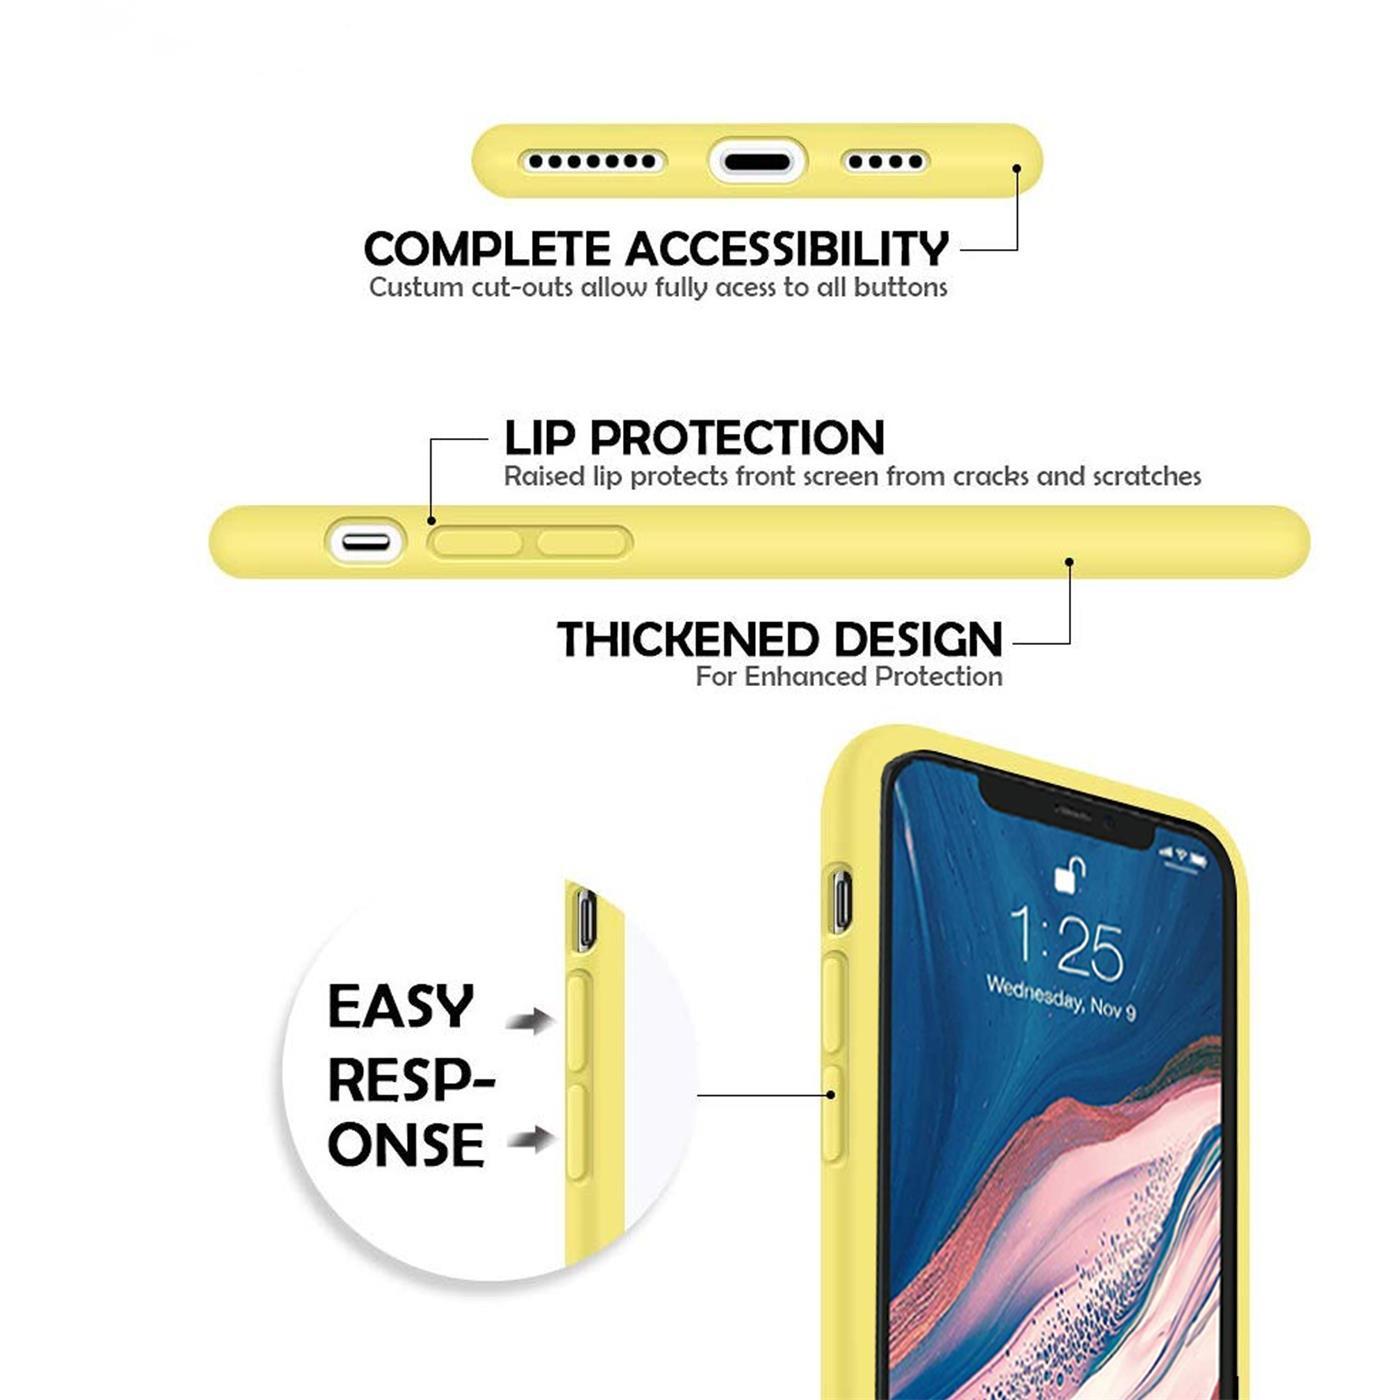 Silikon-Huelle-Schutzhuelle-Handy-Tasche-Handyhuelle-Slim-Case-Cover-Duenn-matt-Etui Indexbild 30